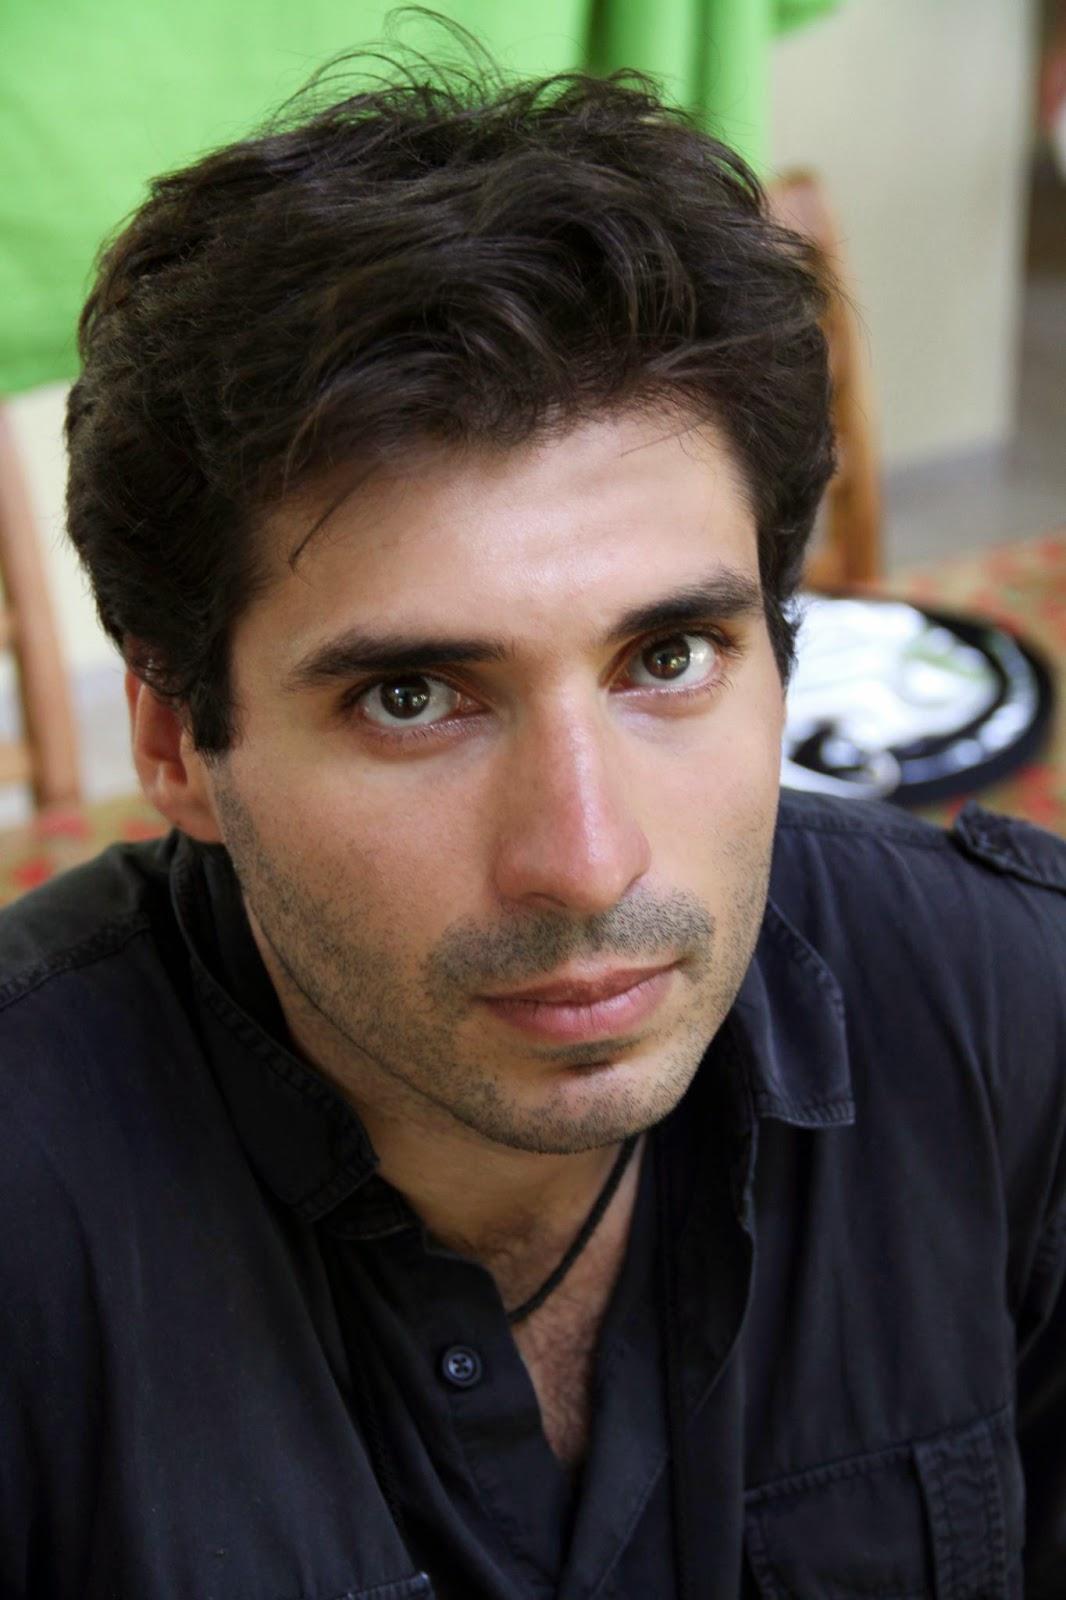 PARCERIA ESCRITOR MARCOS DeBRITTO